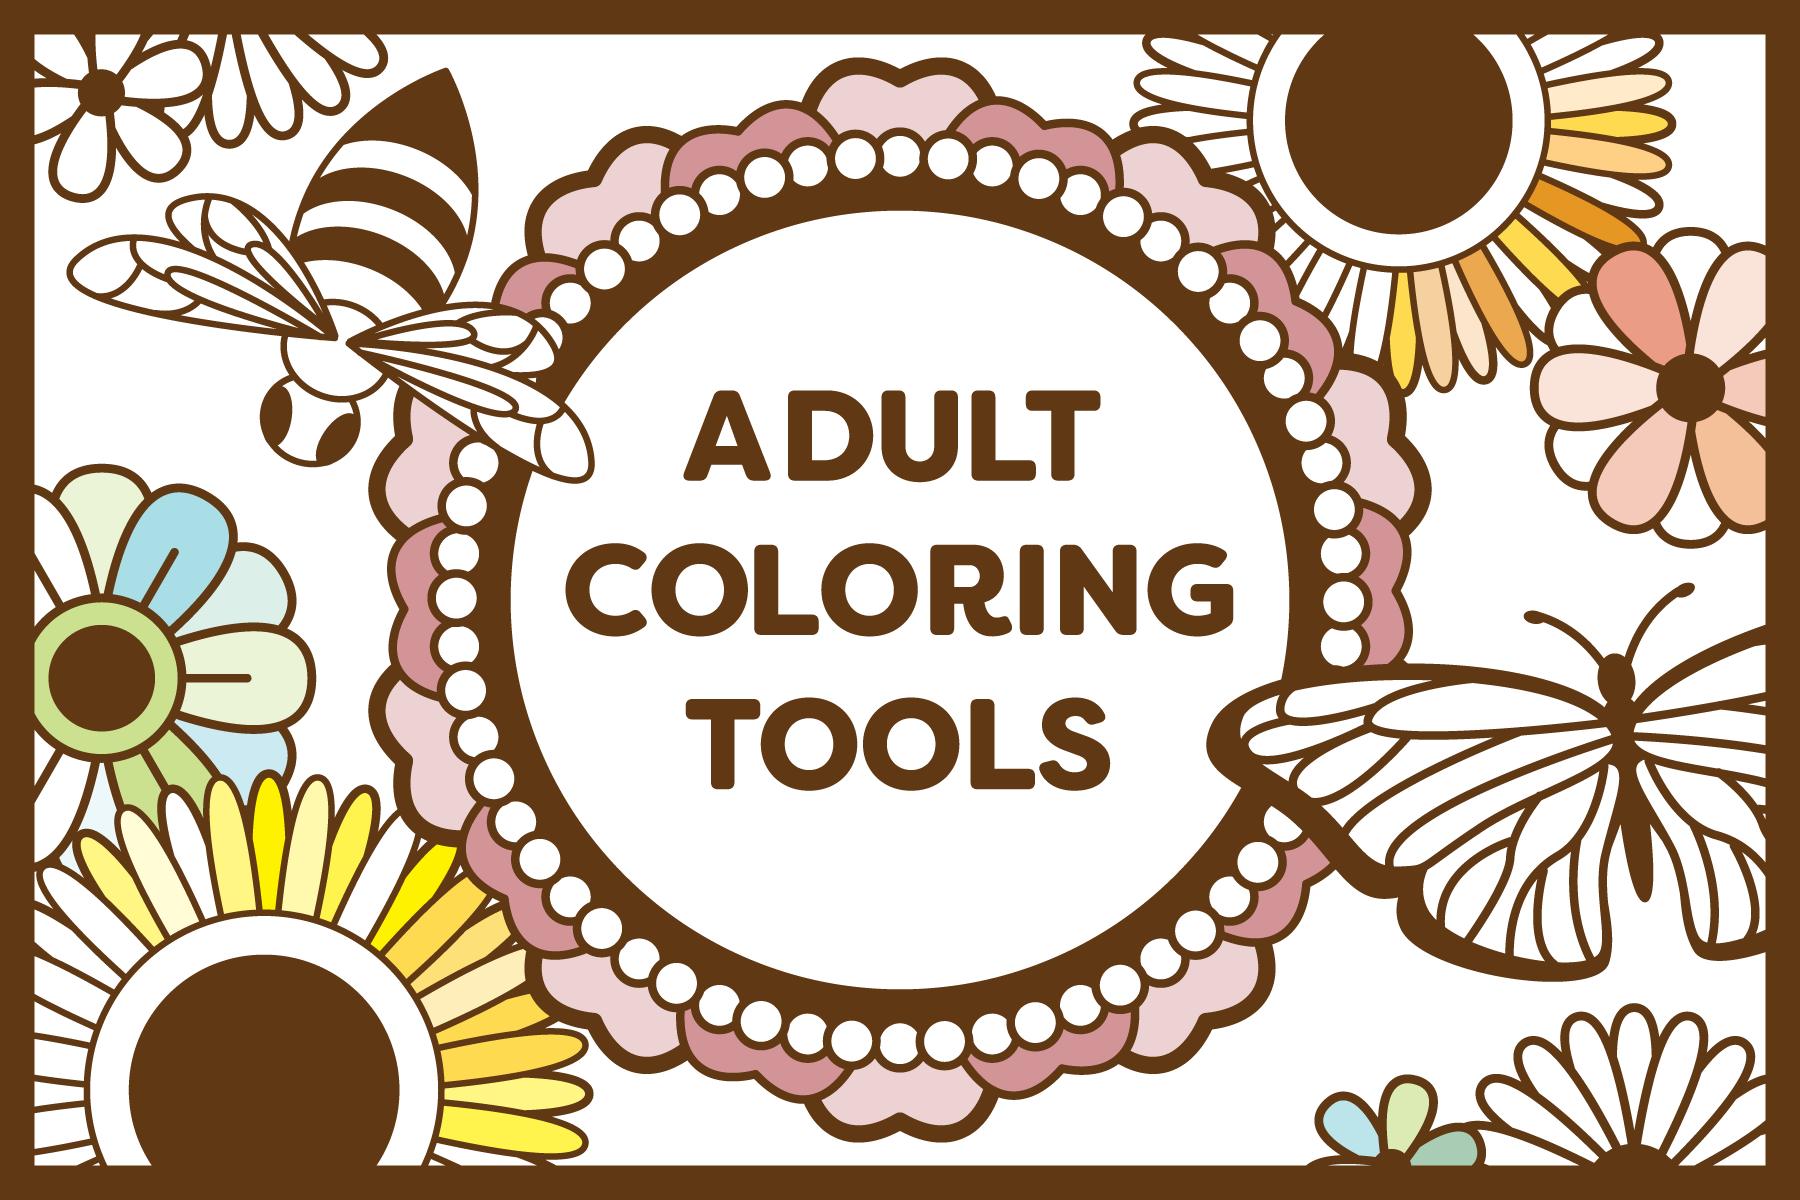 Adult Coloring Tools - JetPens.com